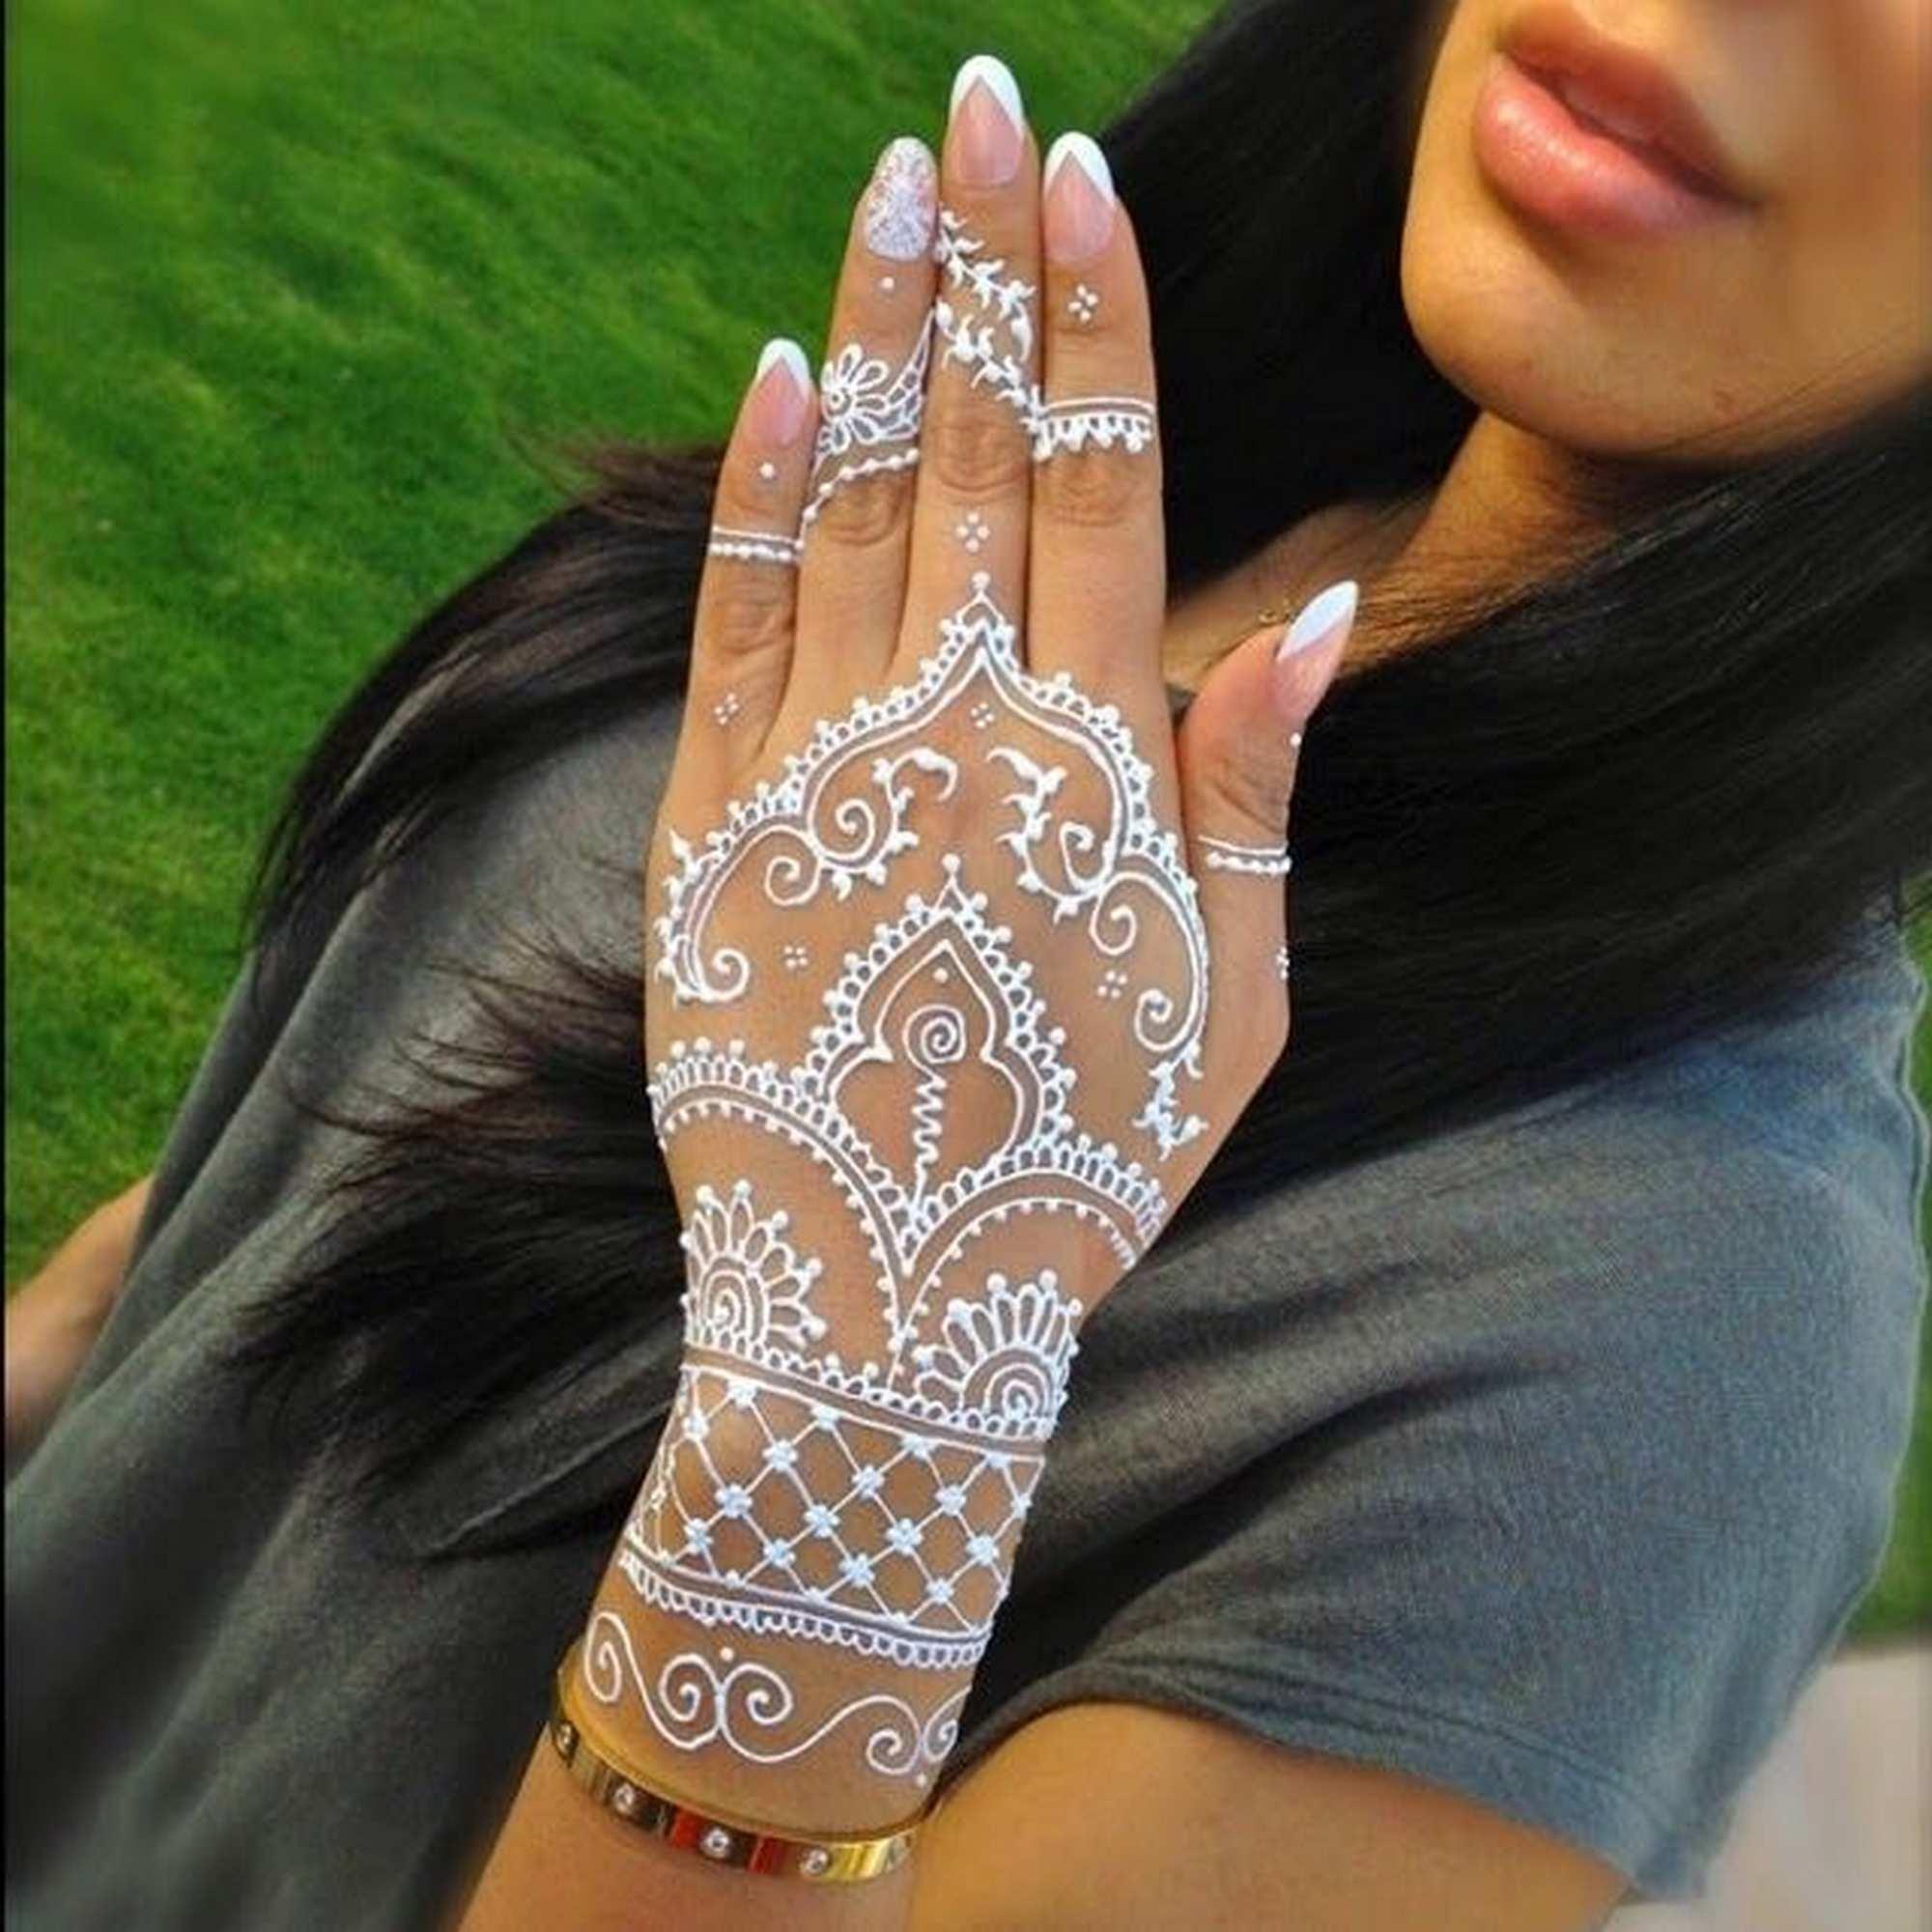 Fitur Cetakan Tangan Kaki Henna 1 2 Lusin Isi 6 Lembar Dan Harga